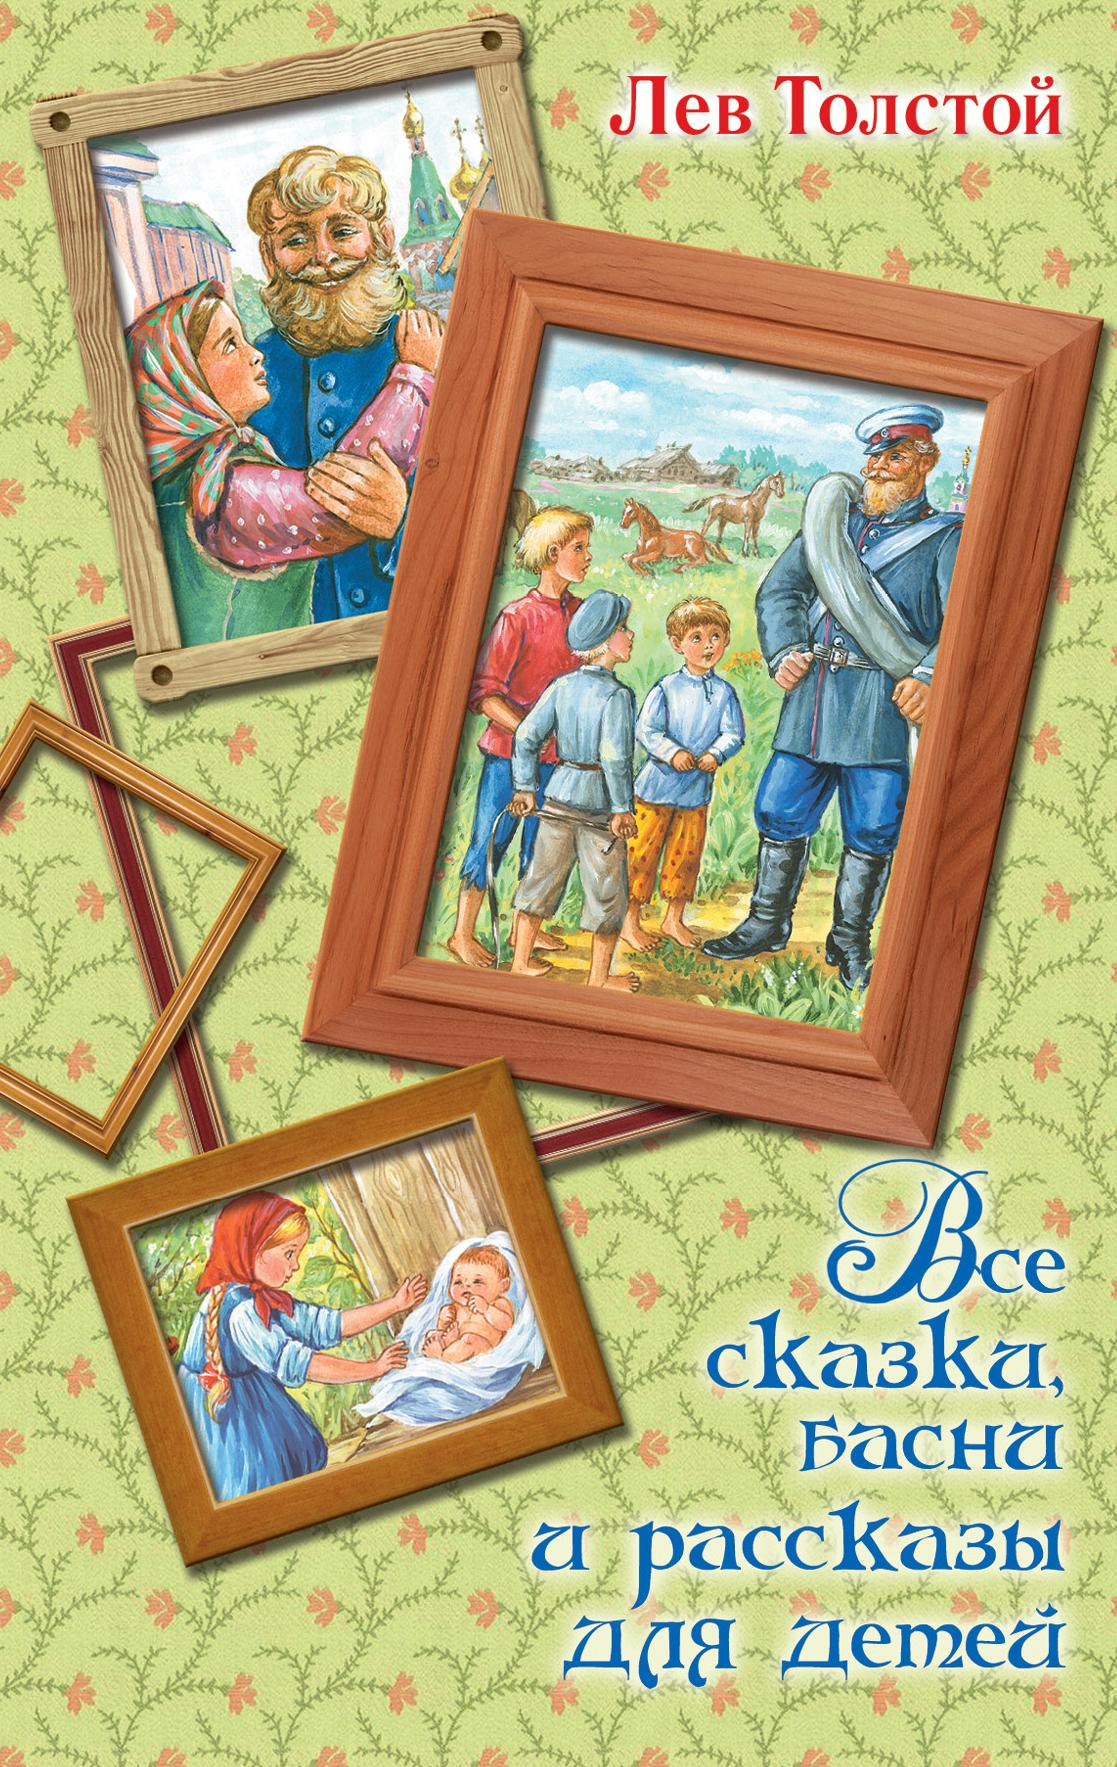 Толстой Лев Николаевич Все сказки, басни и рассказы для детей